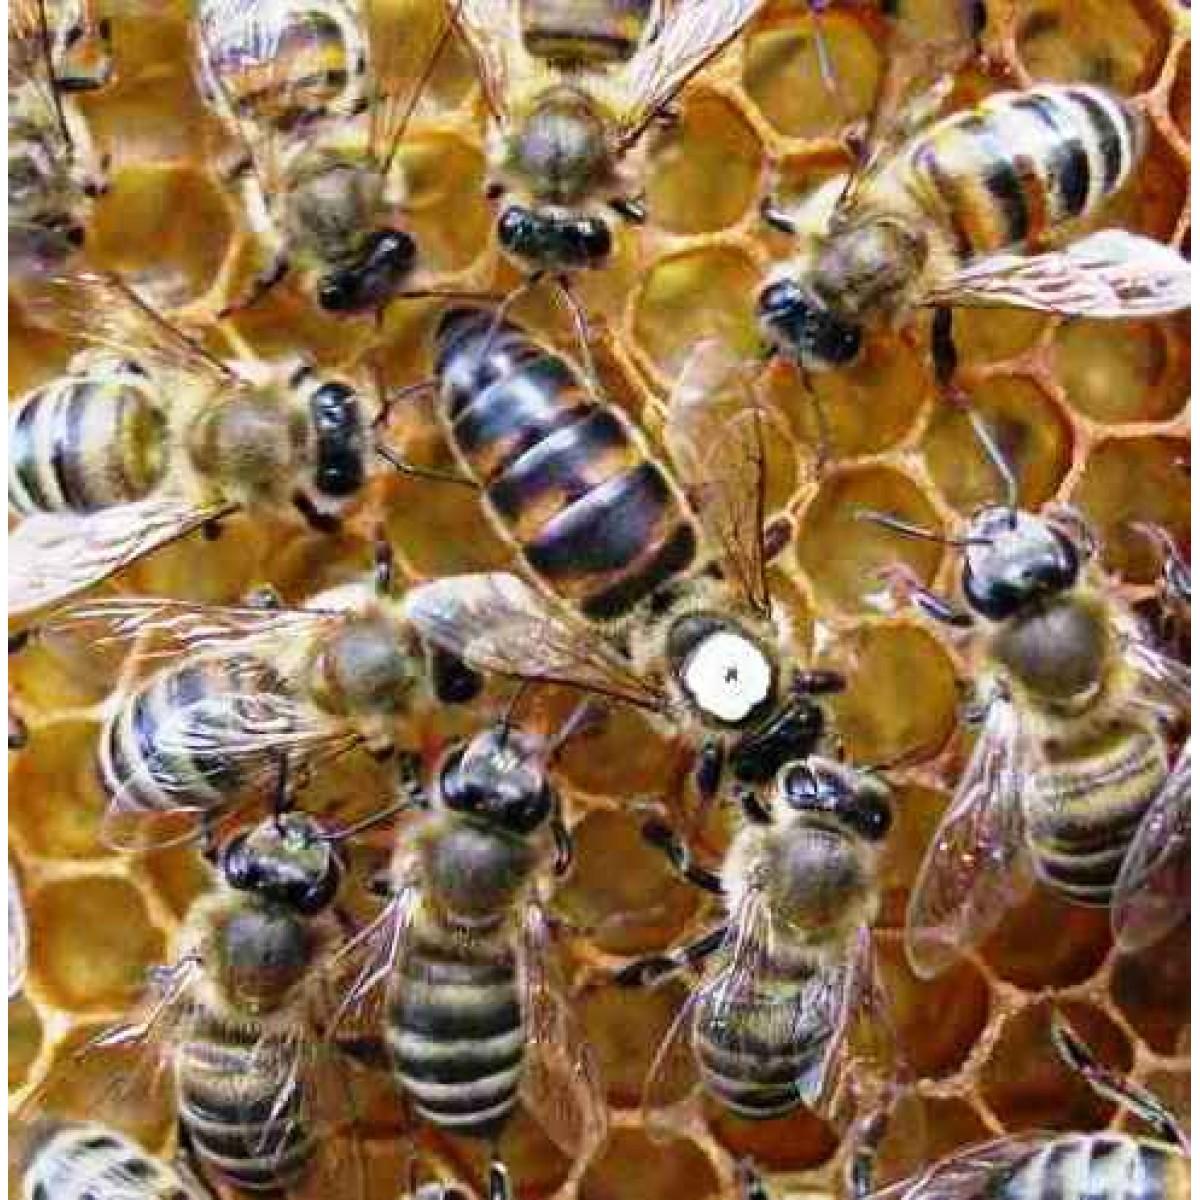 Ana Arı (Kafkas Irklı ), iklim değişikliğinde arıları koruma, Arıcılık uzmanından iklim değişikliğinde arıları koruma önerileri